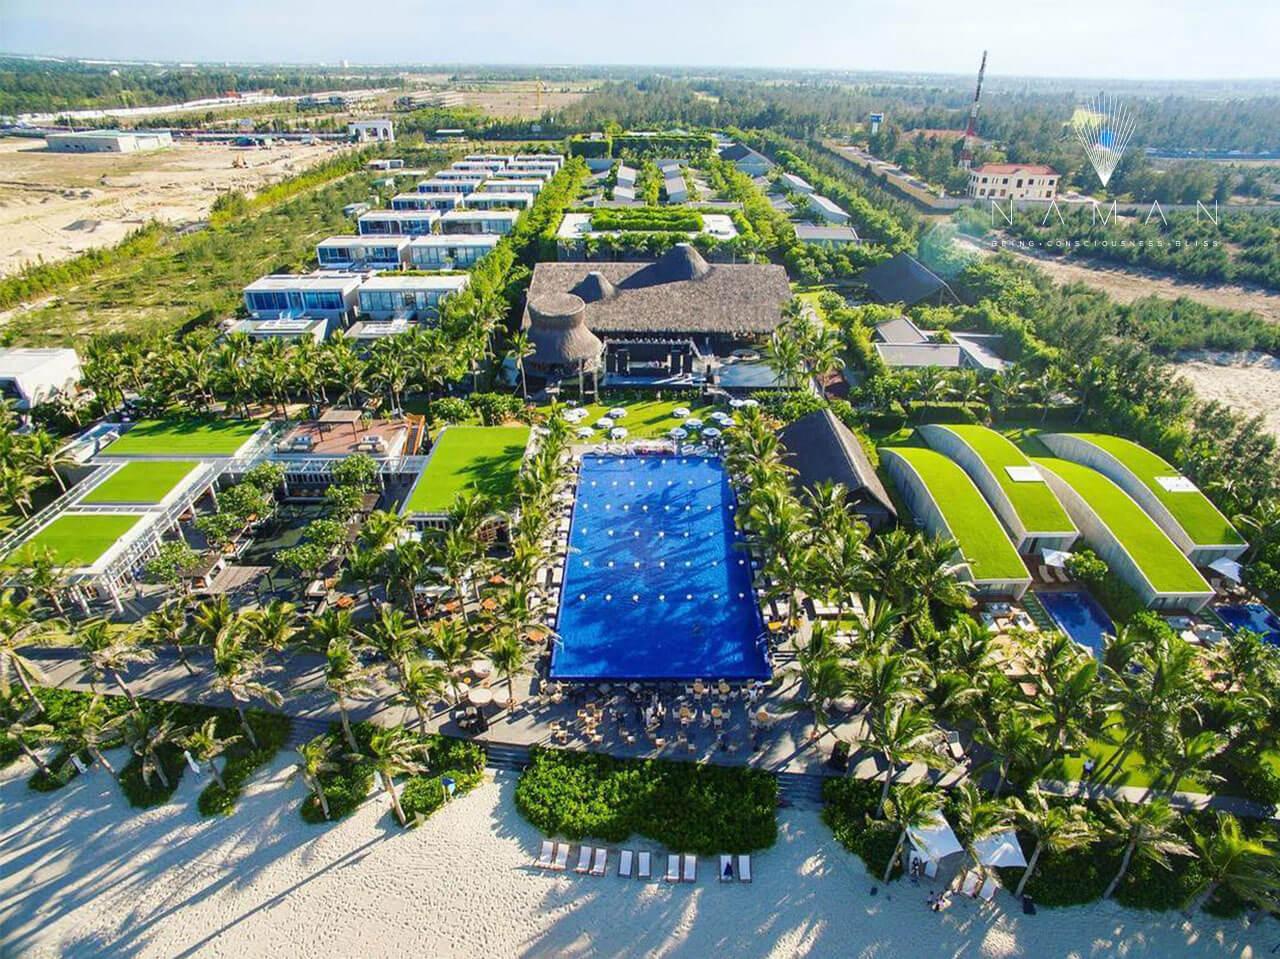 Naman Retreat Resort – dự án nổi bật được thiết kế đơn vị thiết kế cảnh quan Tropical Village PQ– Land Sculptor Studio